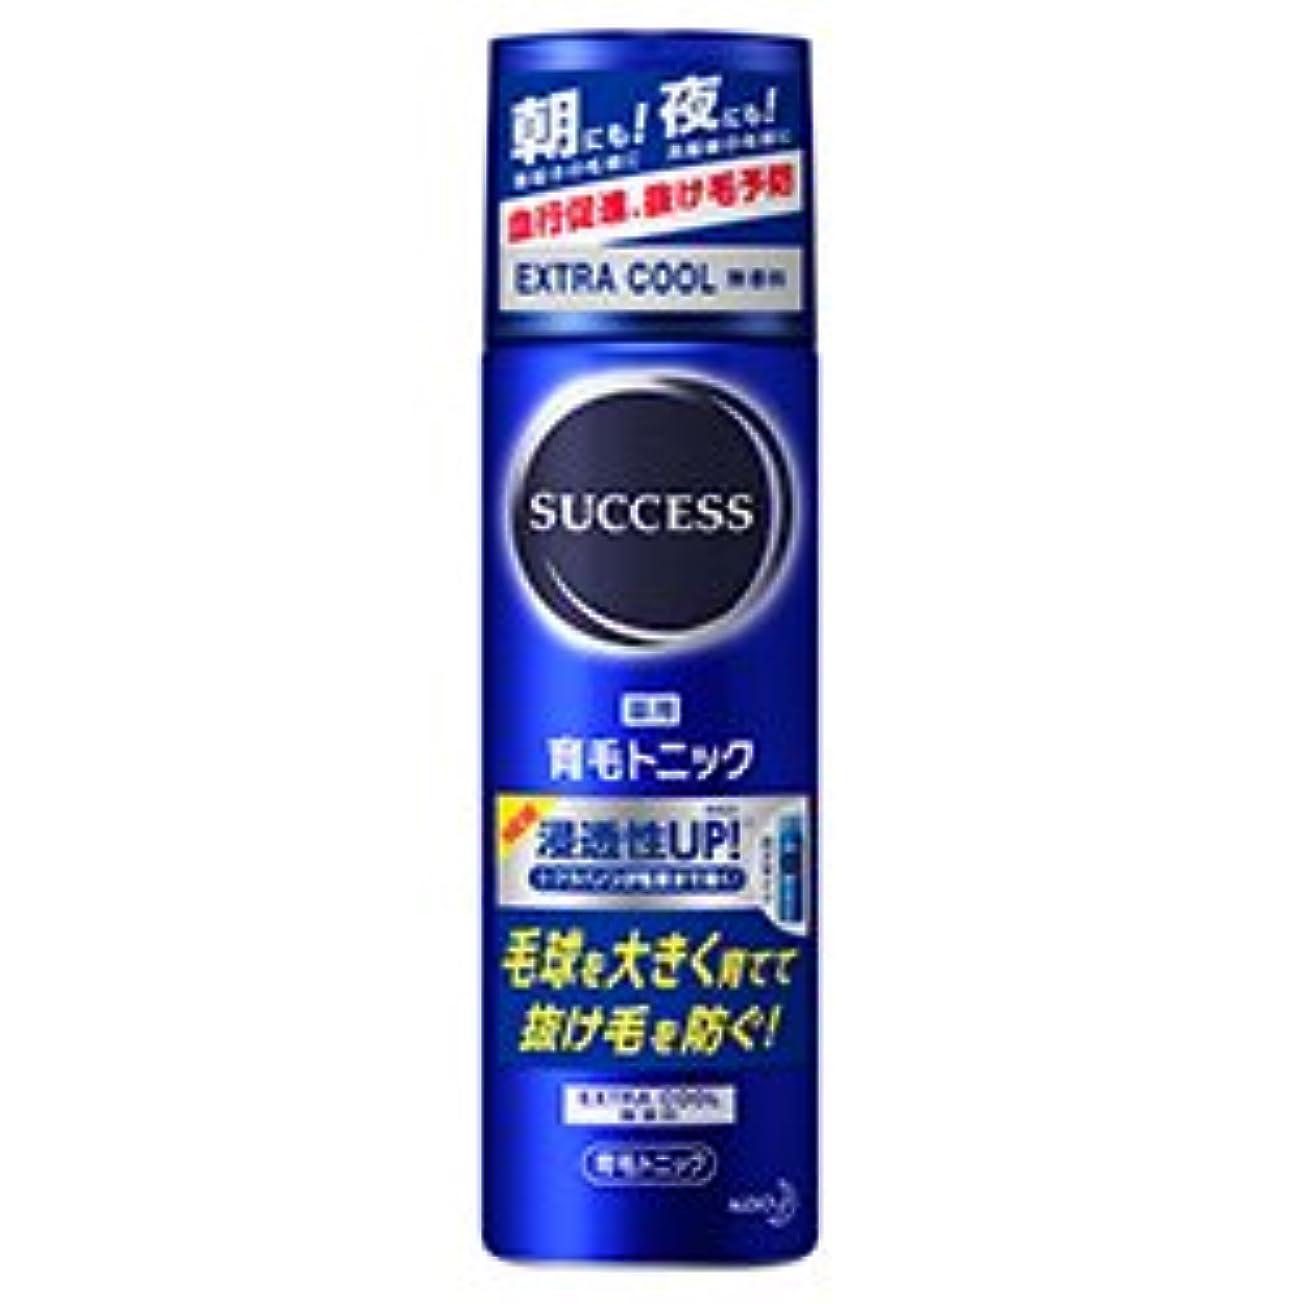 スポーツクラウンプラグ【花王】サクセス 薬用育毛トニック エクストラクール 無香料 180g ×5個セット